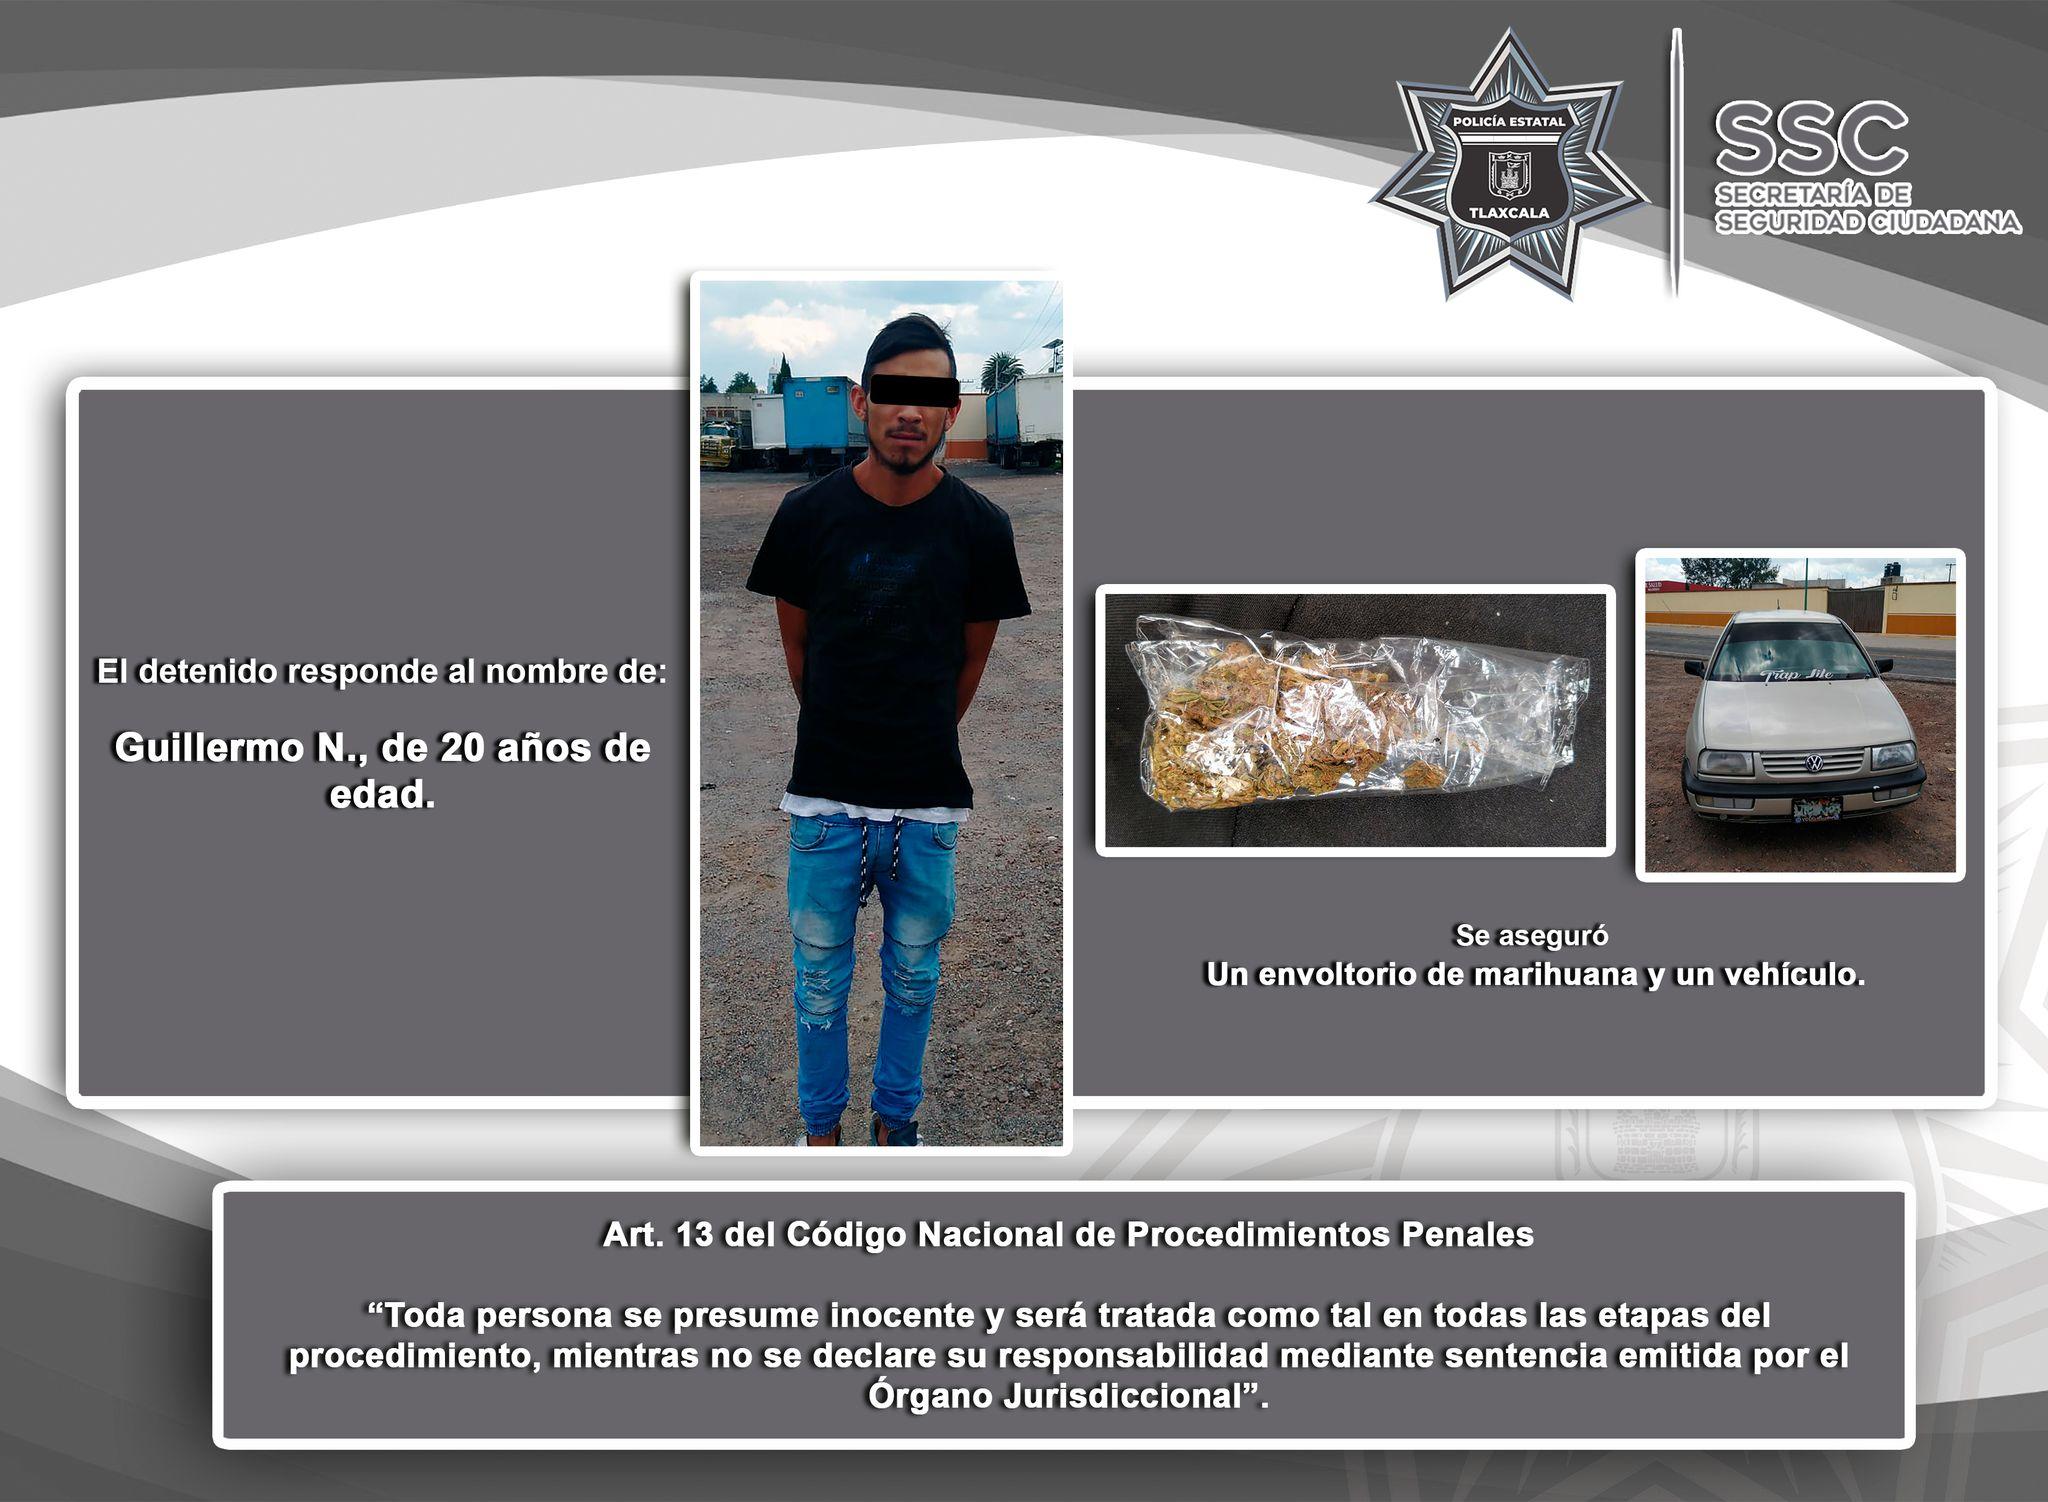 La SSC detiene a una persona en posesión ilegal de marihuana en Calpulalpan